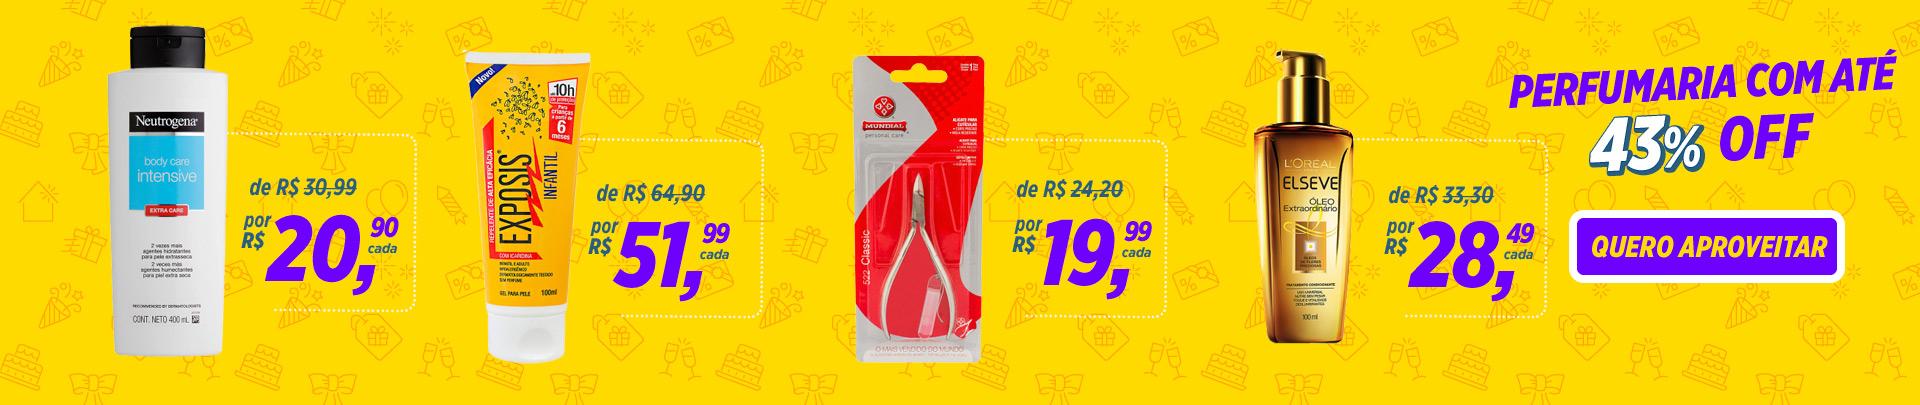 Perfumaria1_Tab353